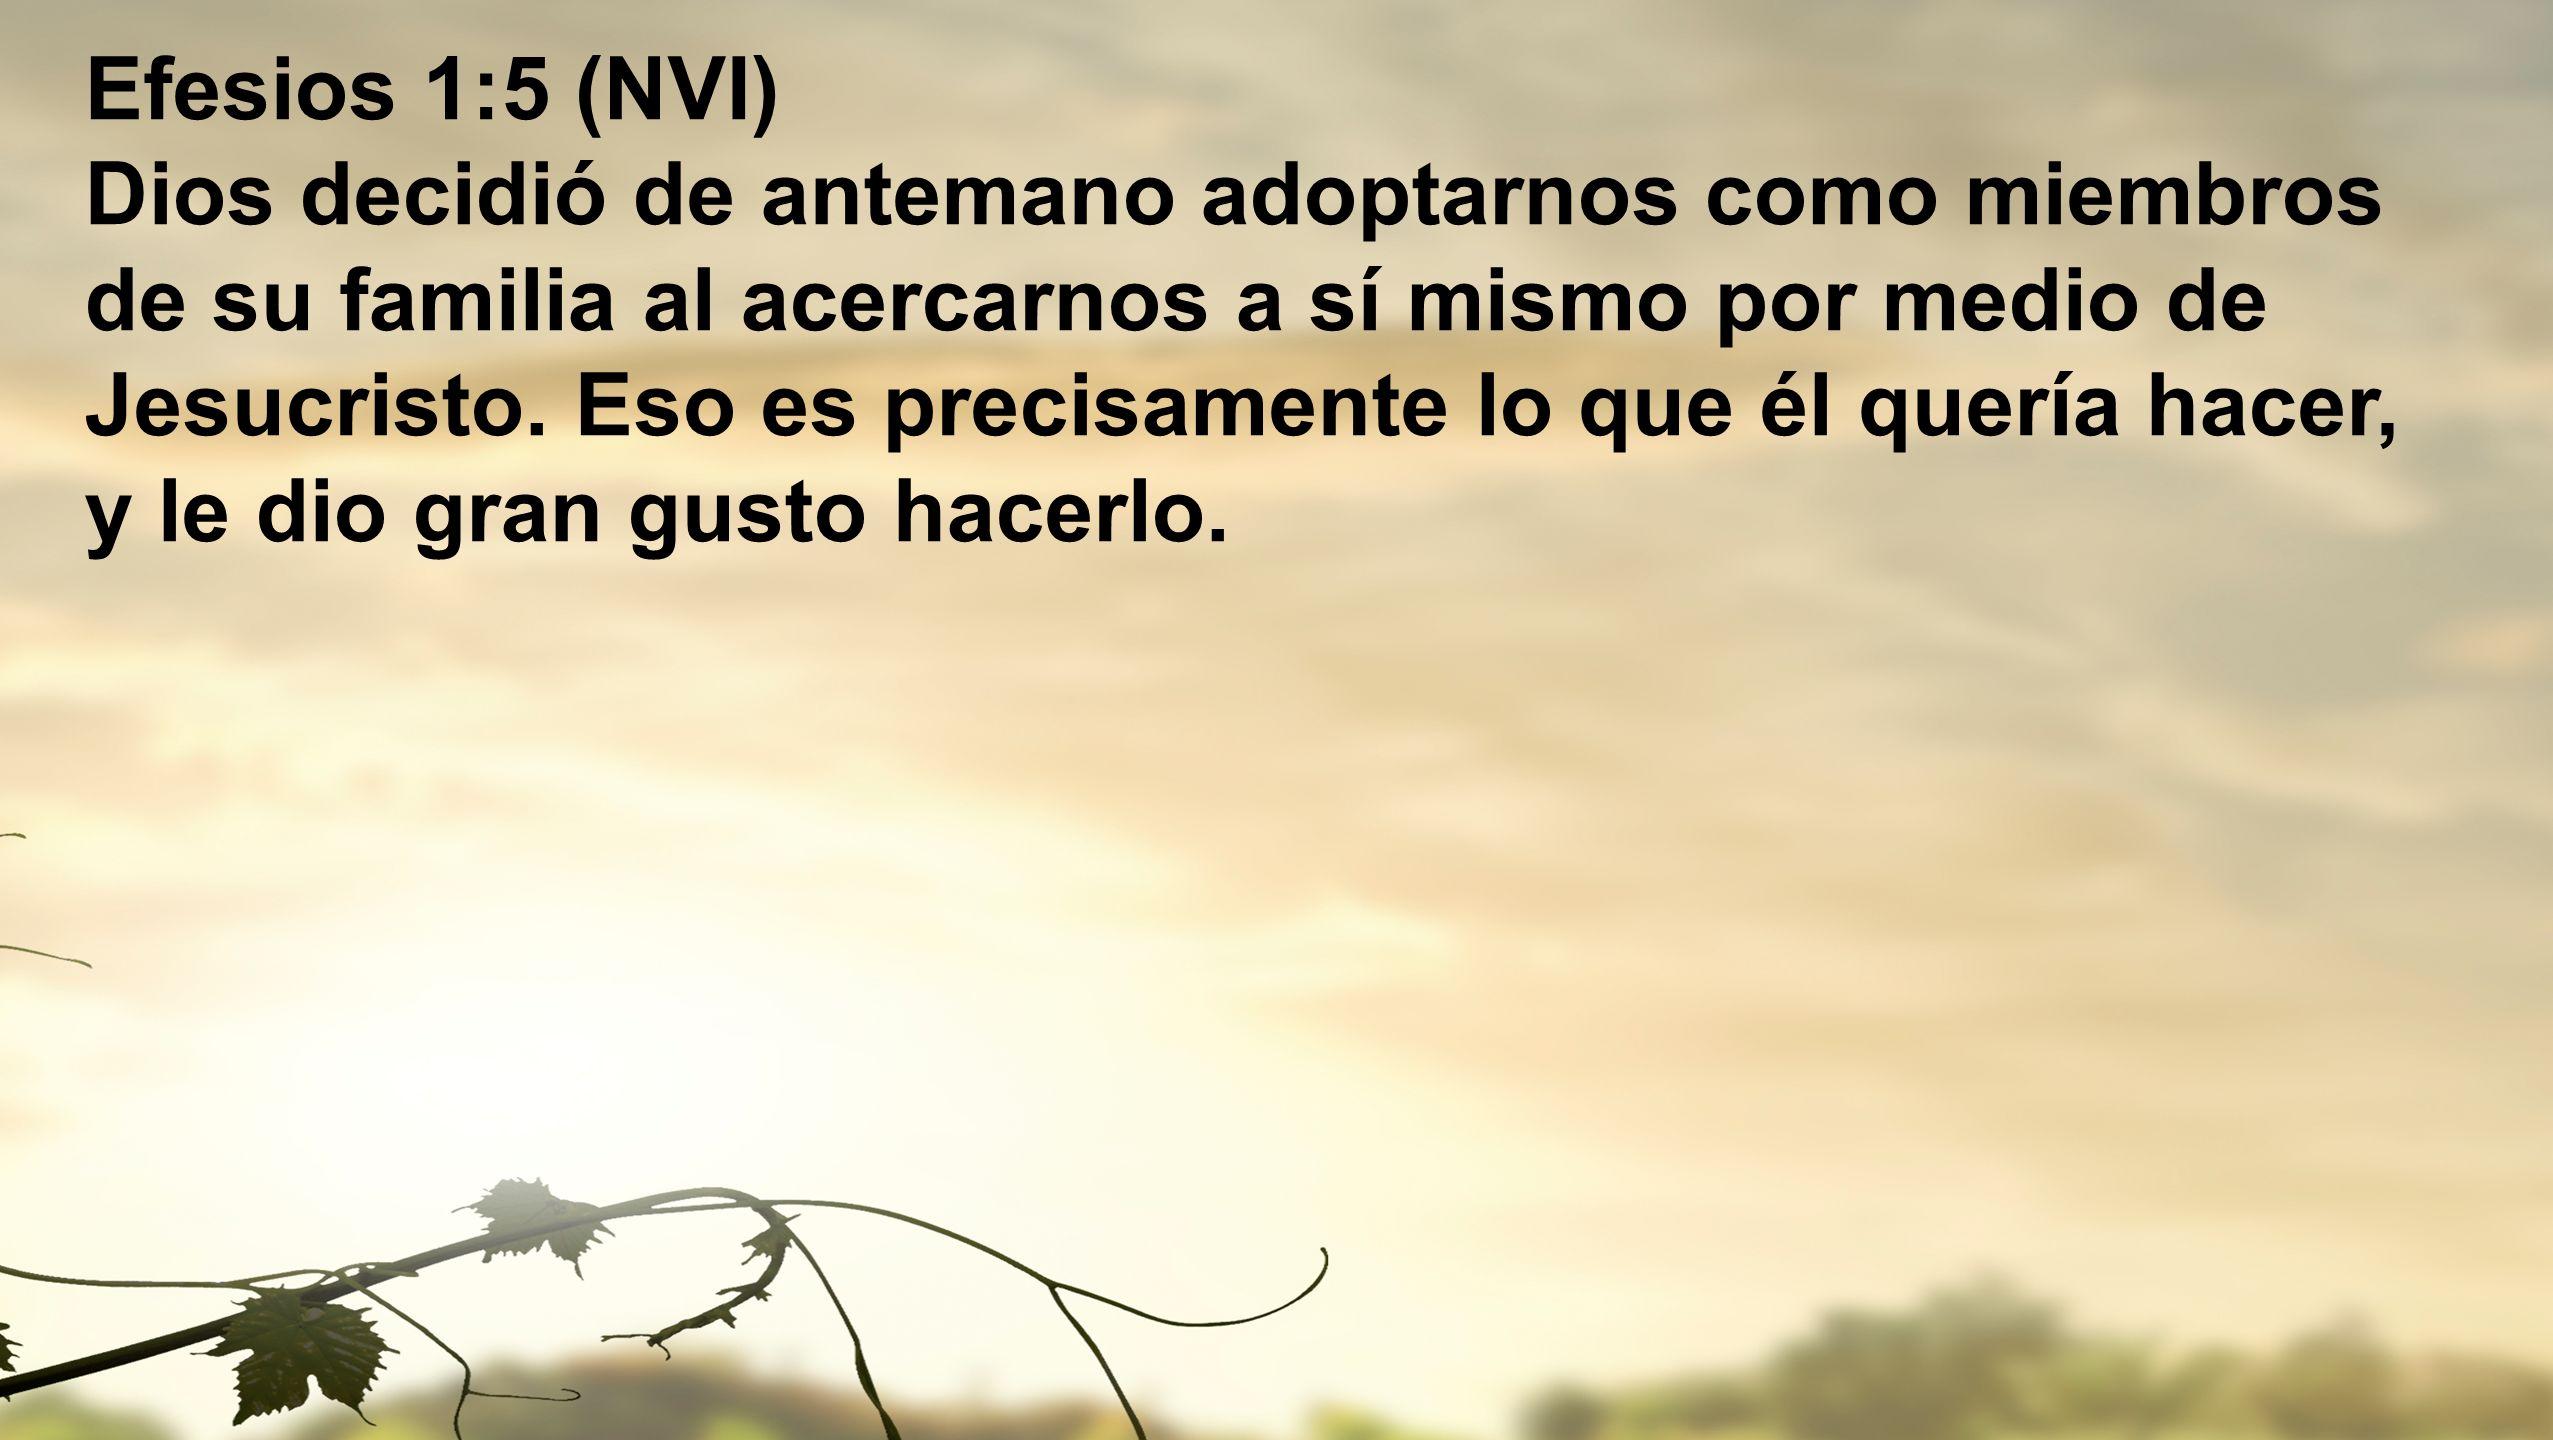 Efesios 1:5 (NVI) Dios decidió de antemano adoptarnos como miembros de su familia al acercarnos a sí mismo por medio de Jesucristo.